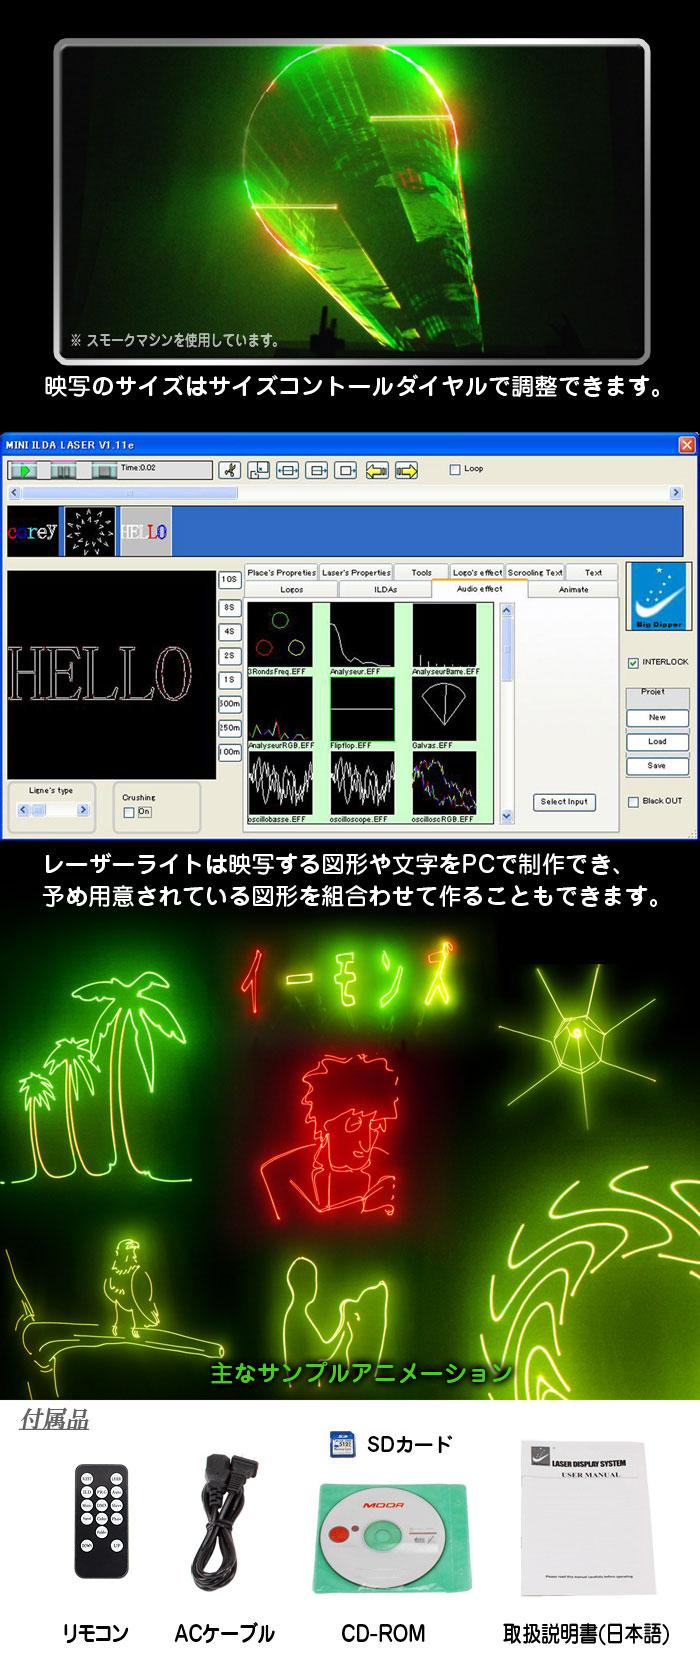 レーザーライト【SD01RG】アニメーション制作ソフト画像